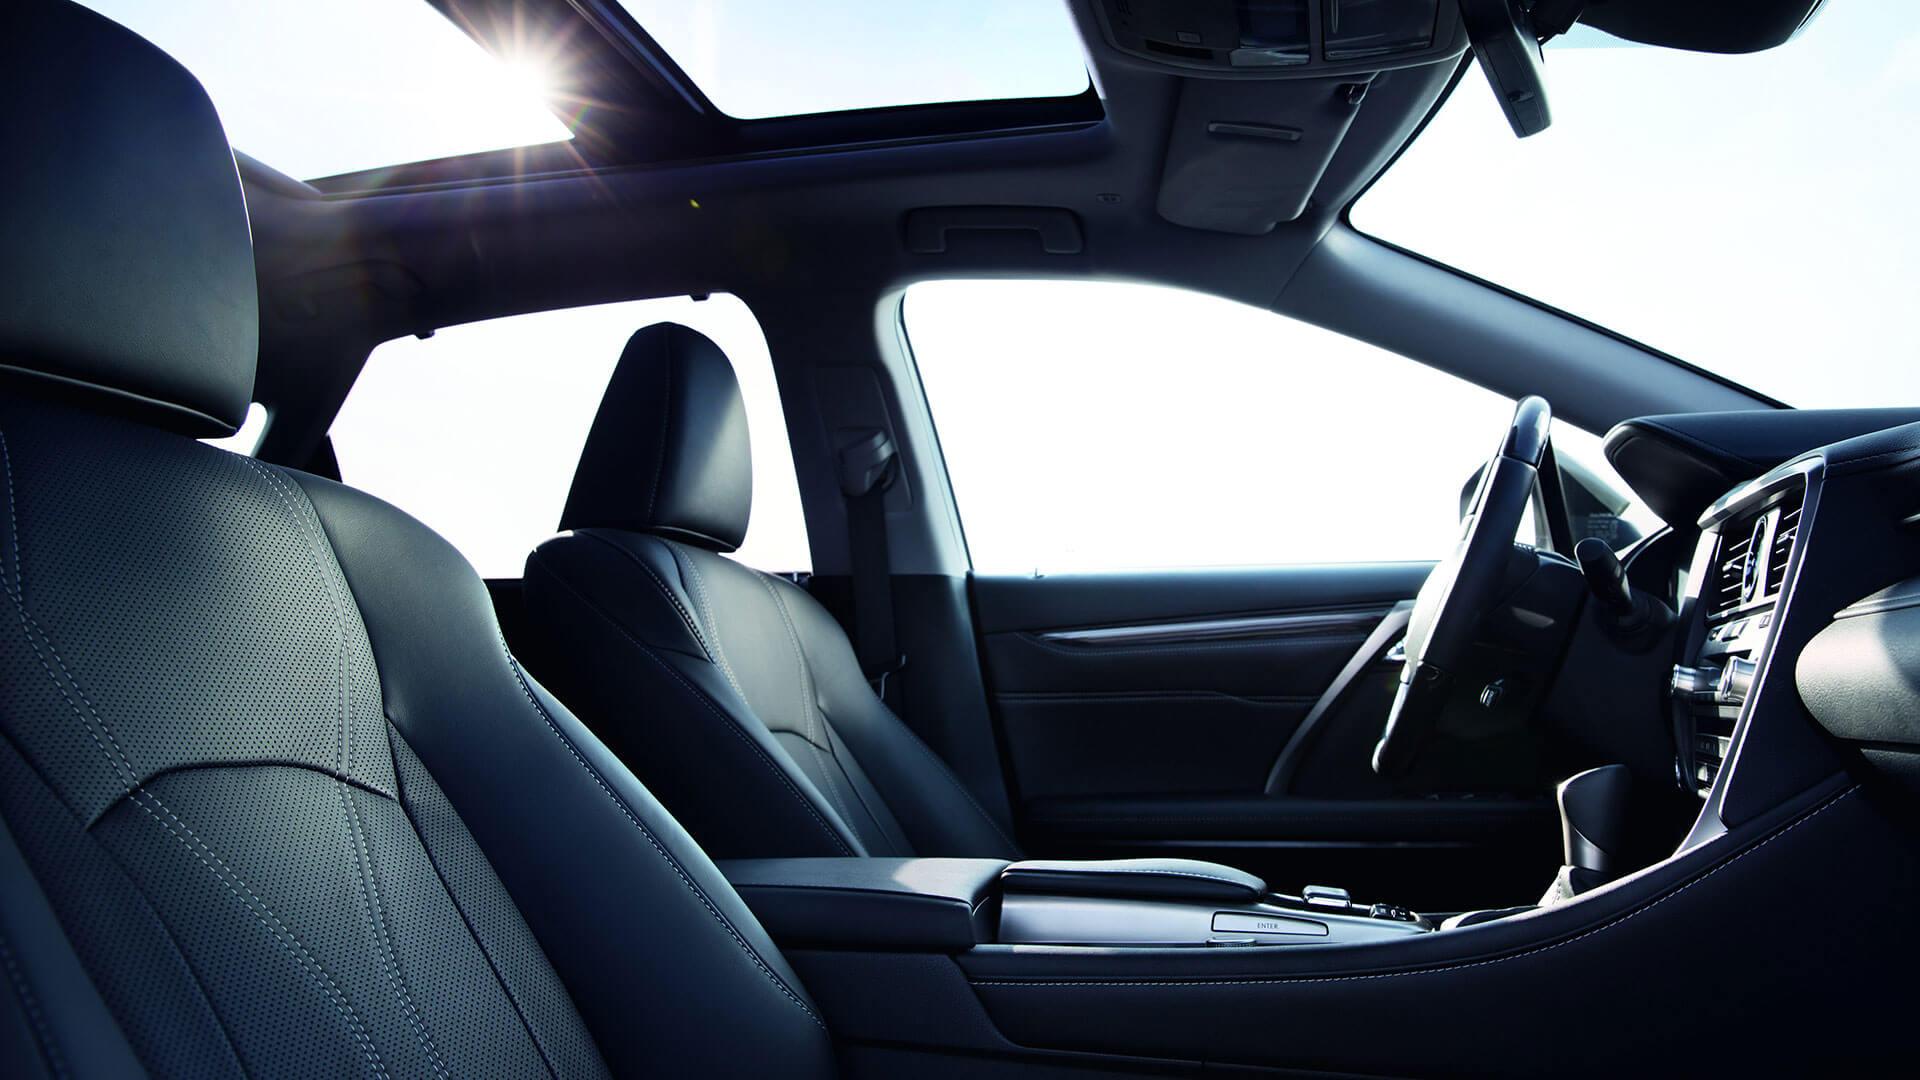 Zijkant van een blauwe Lexus CT 200h